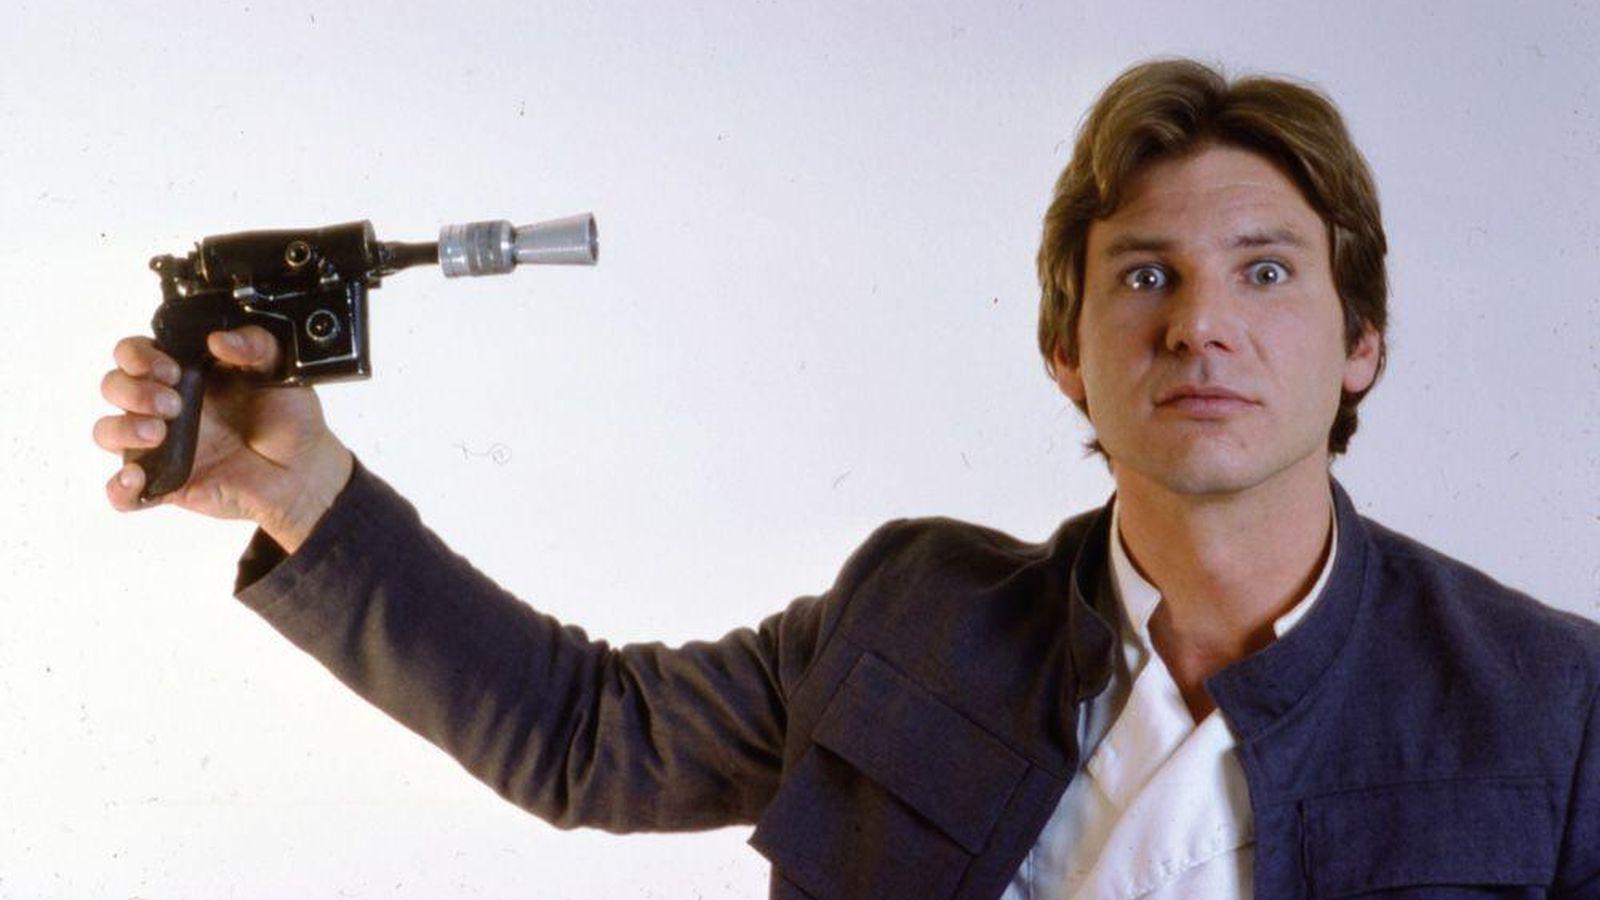 Tutto quello che mi serviva nella vita l'ho imparato da Harrison Ford